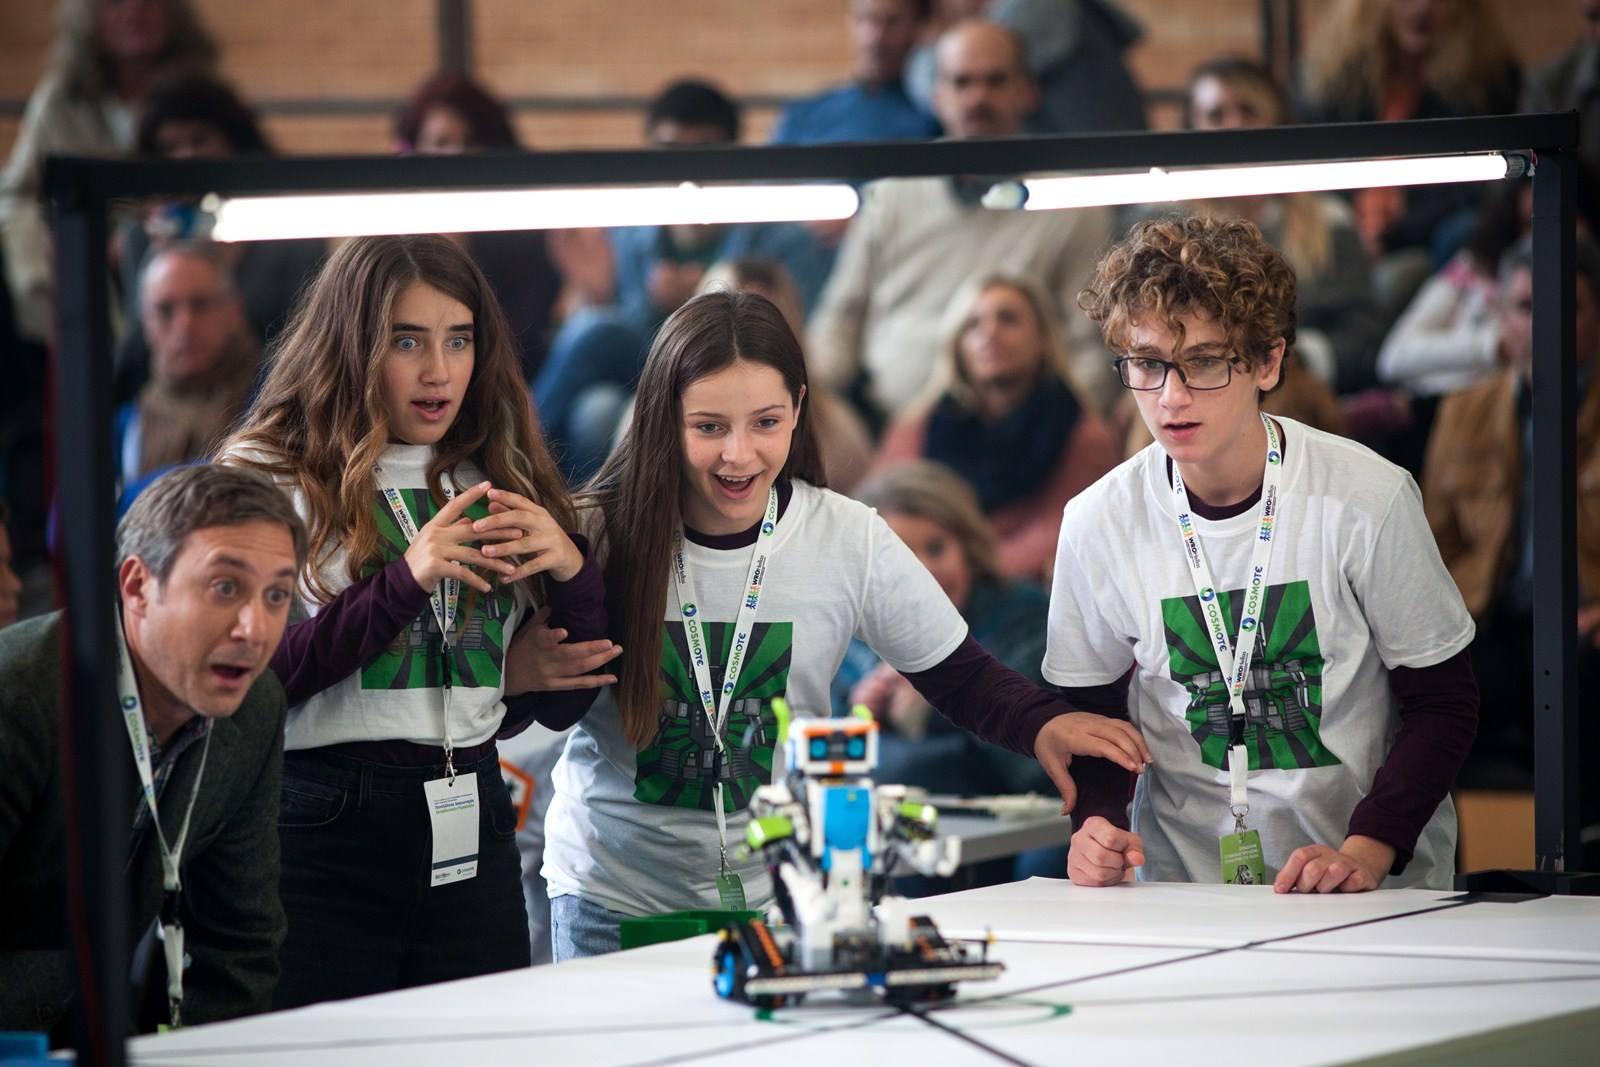 Κάντε κράτηση στο δωρεάν εργαστήριο γνωριμίας του STEM Education